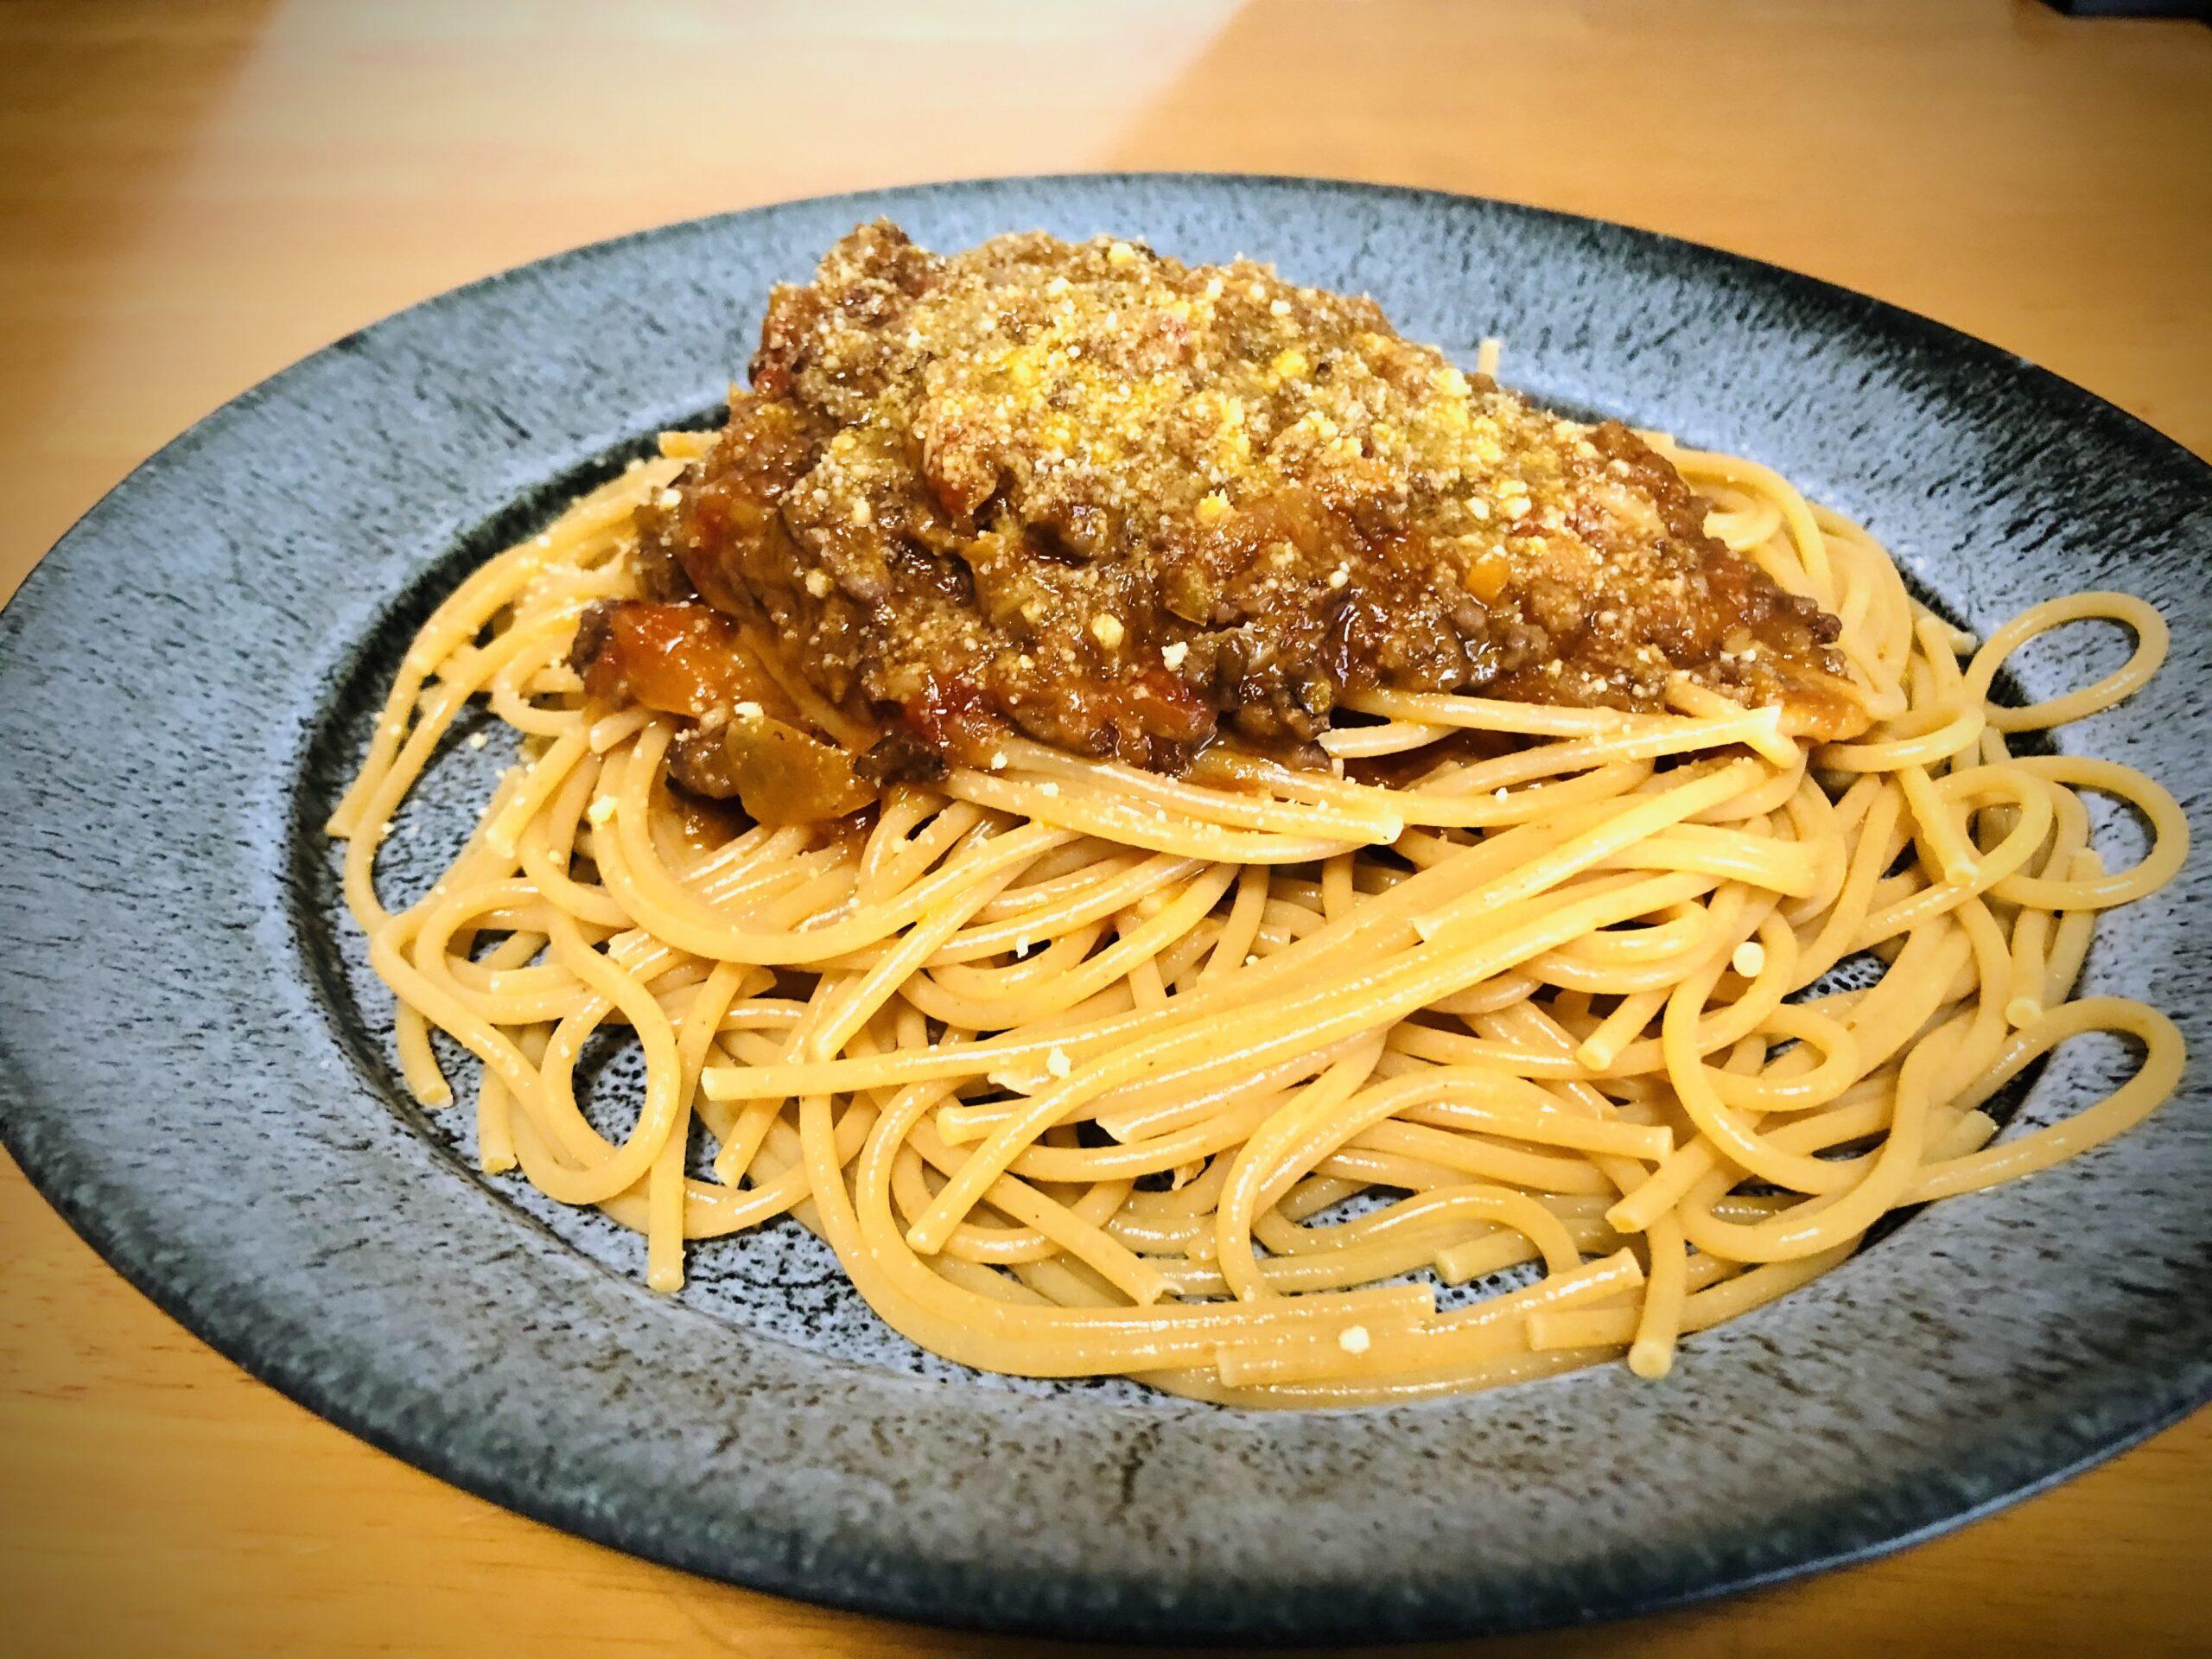 ボロネーゼソースをかけたスパゲッティーニの画像です。